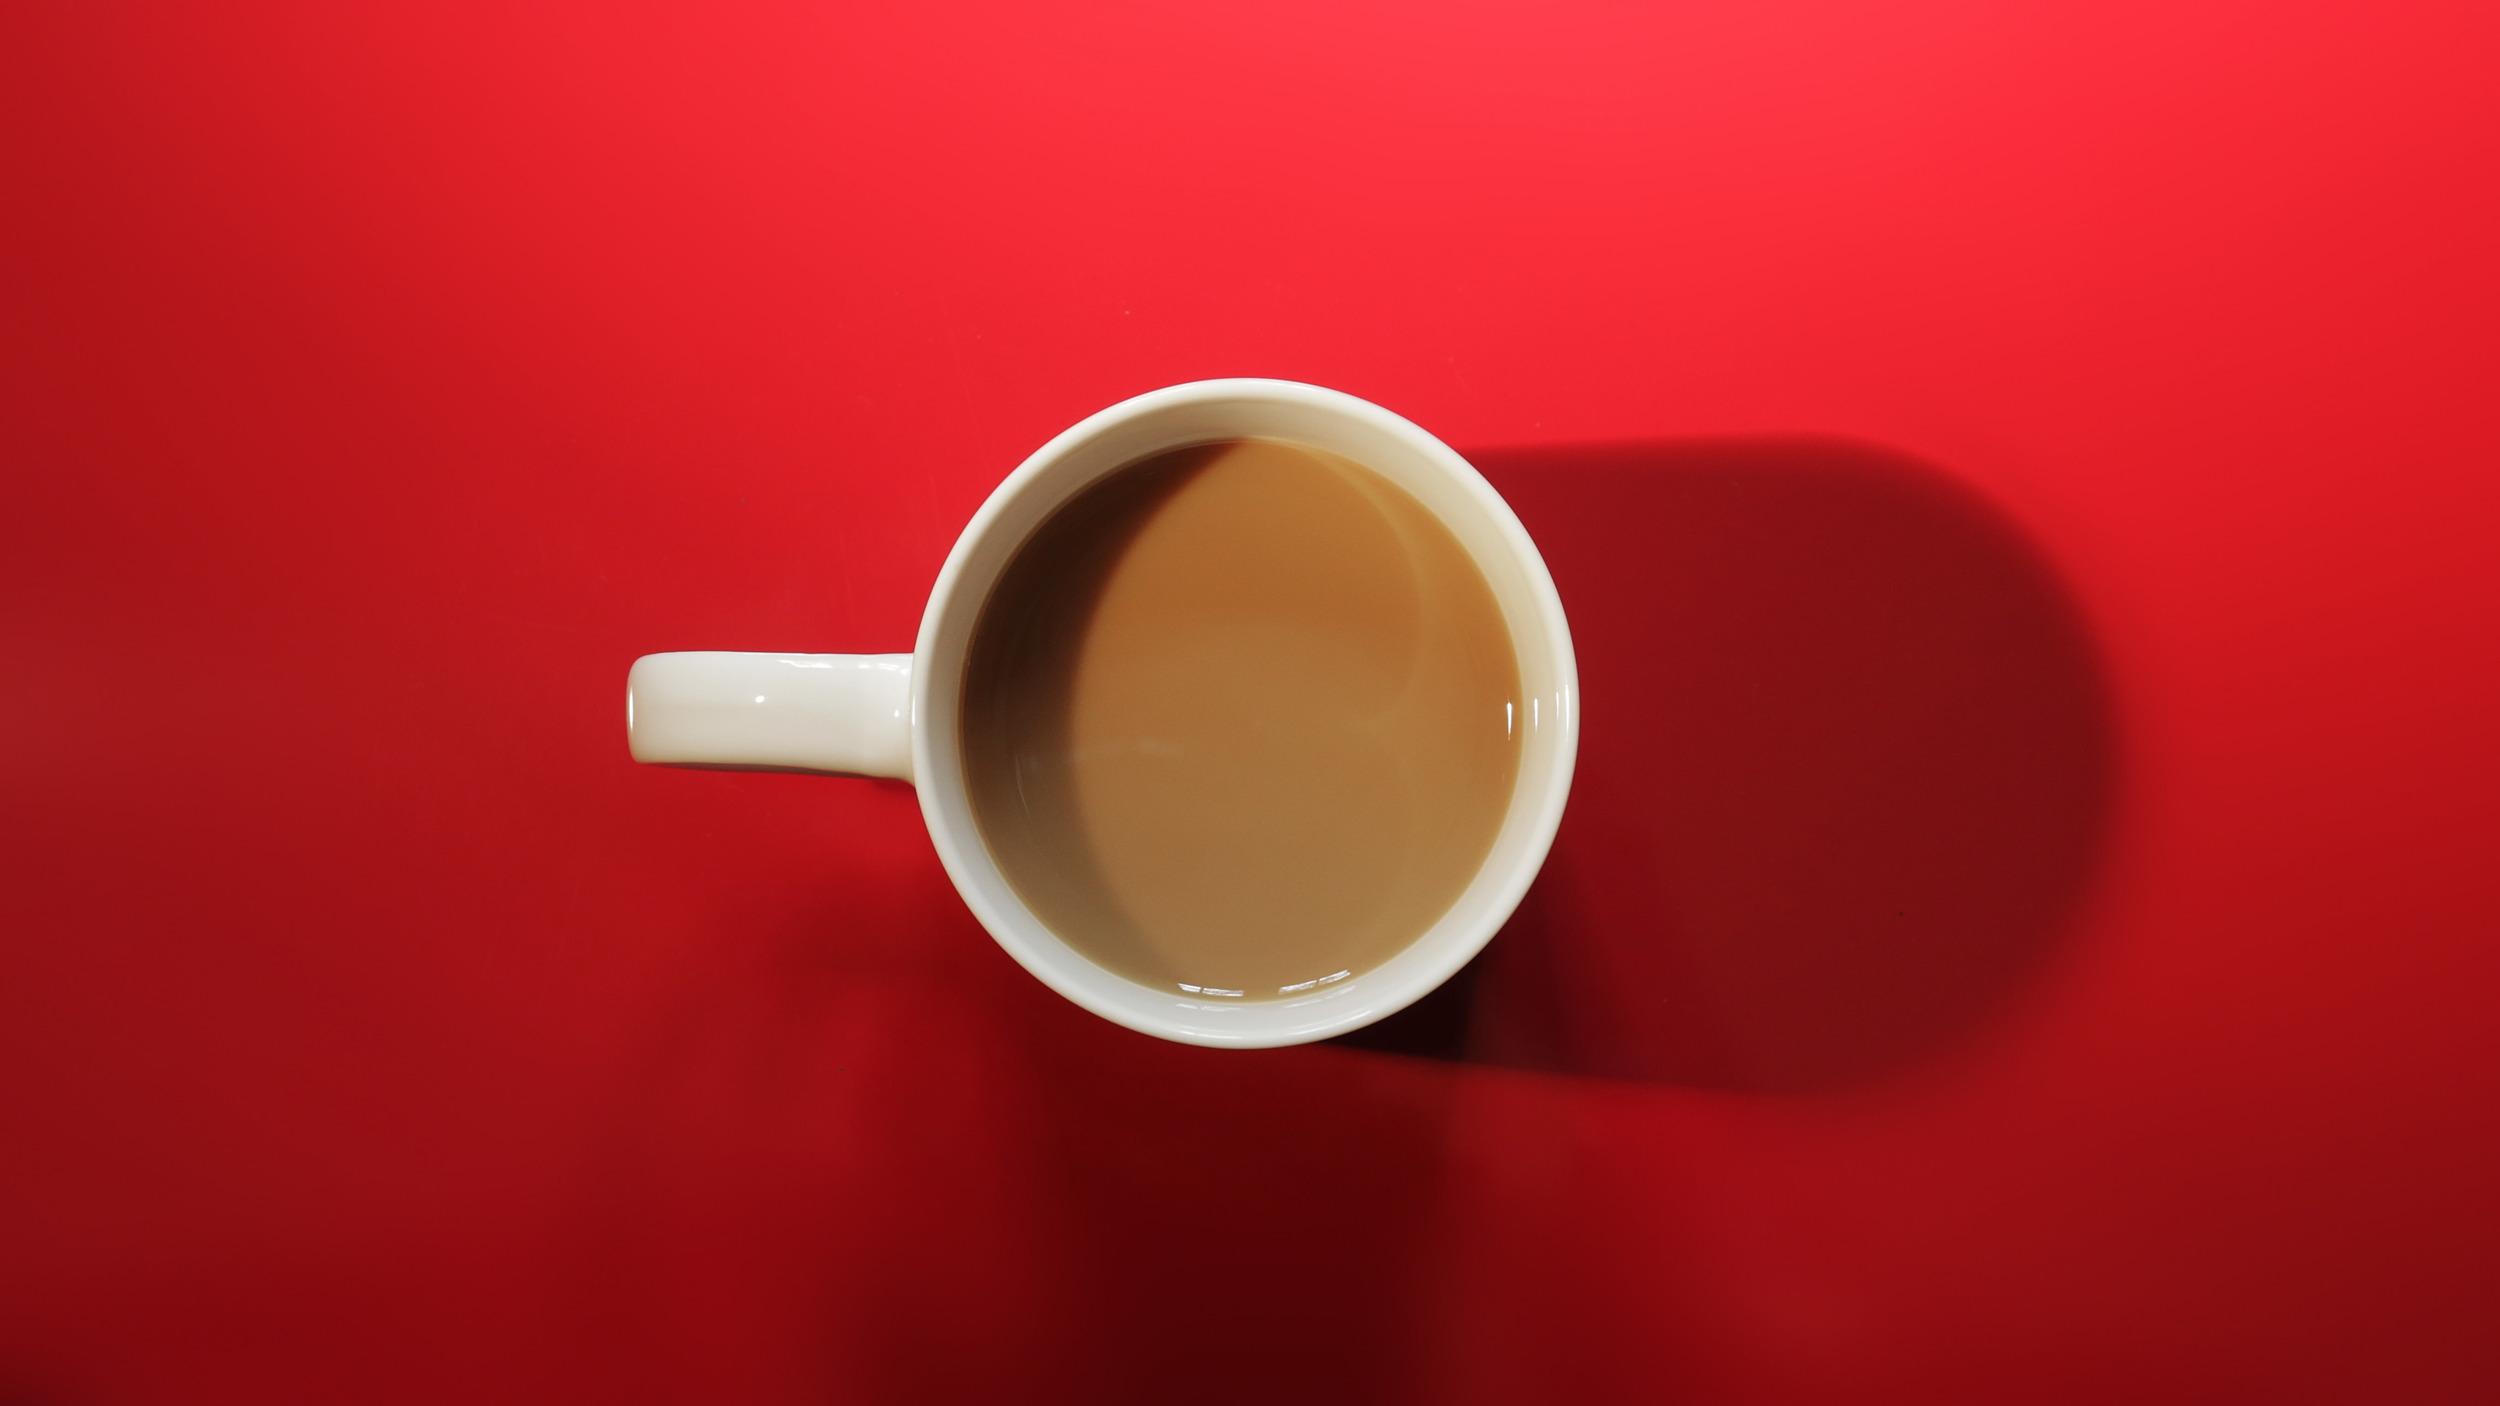 red-coffee-cup-mug.jpg